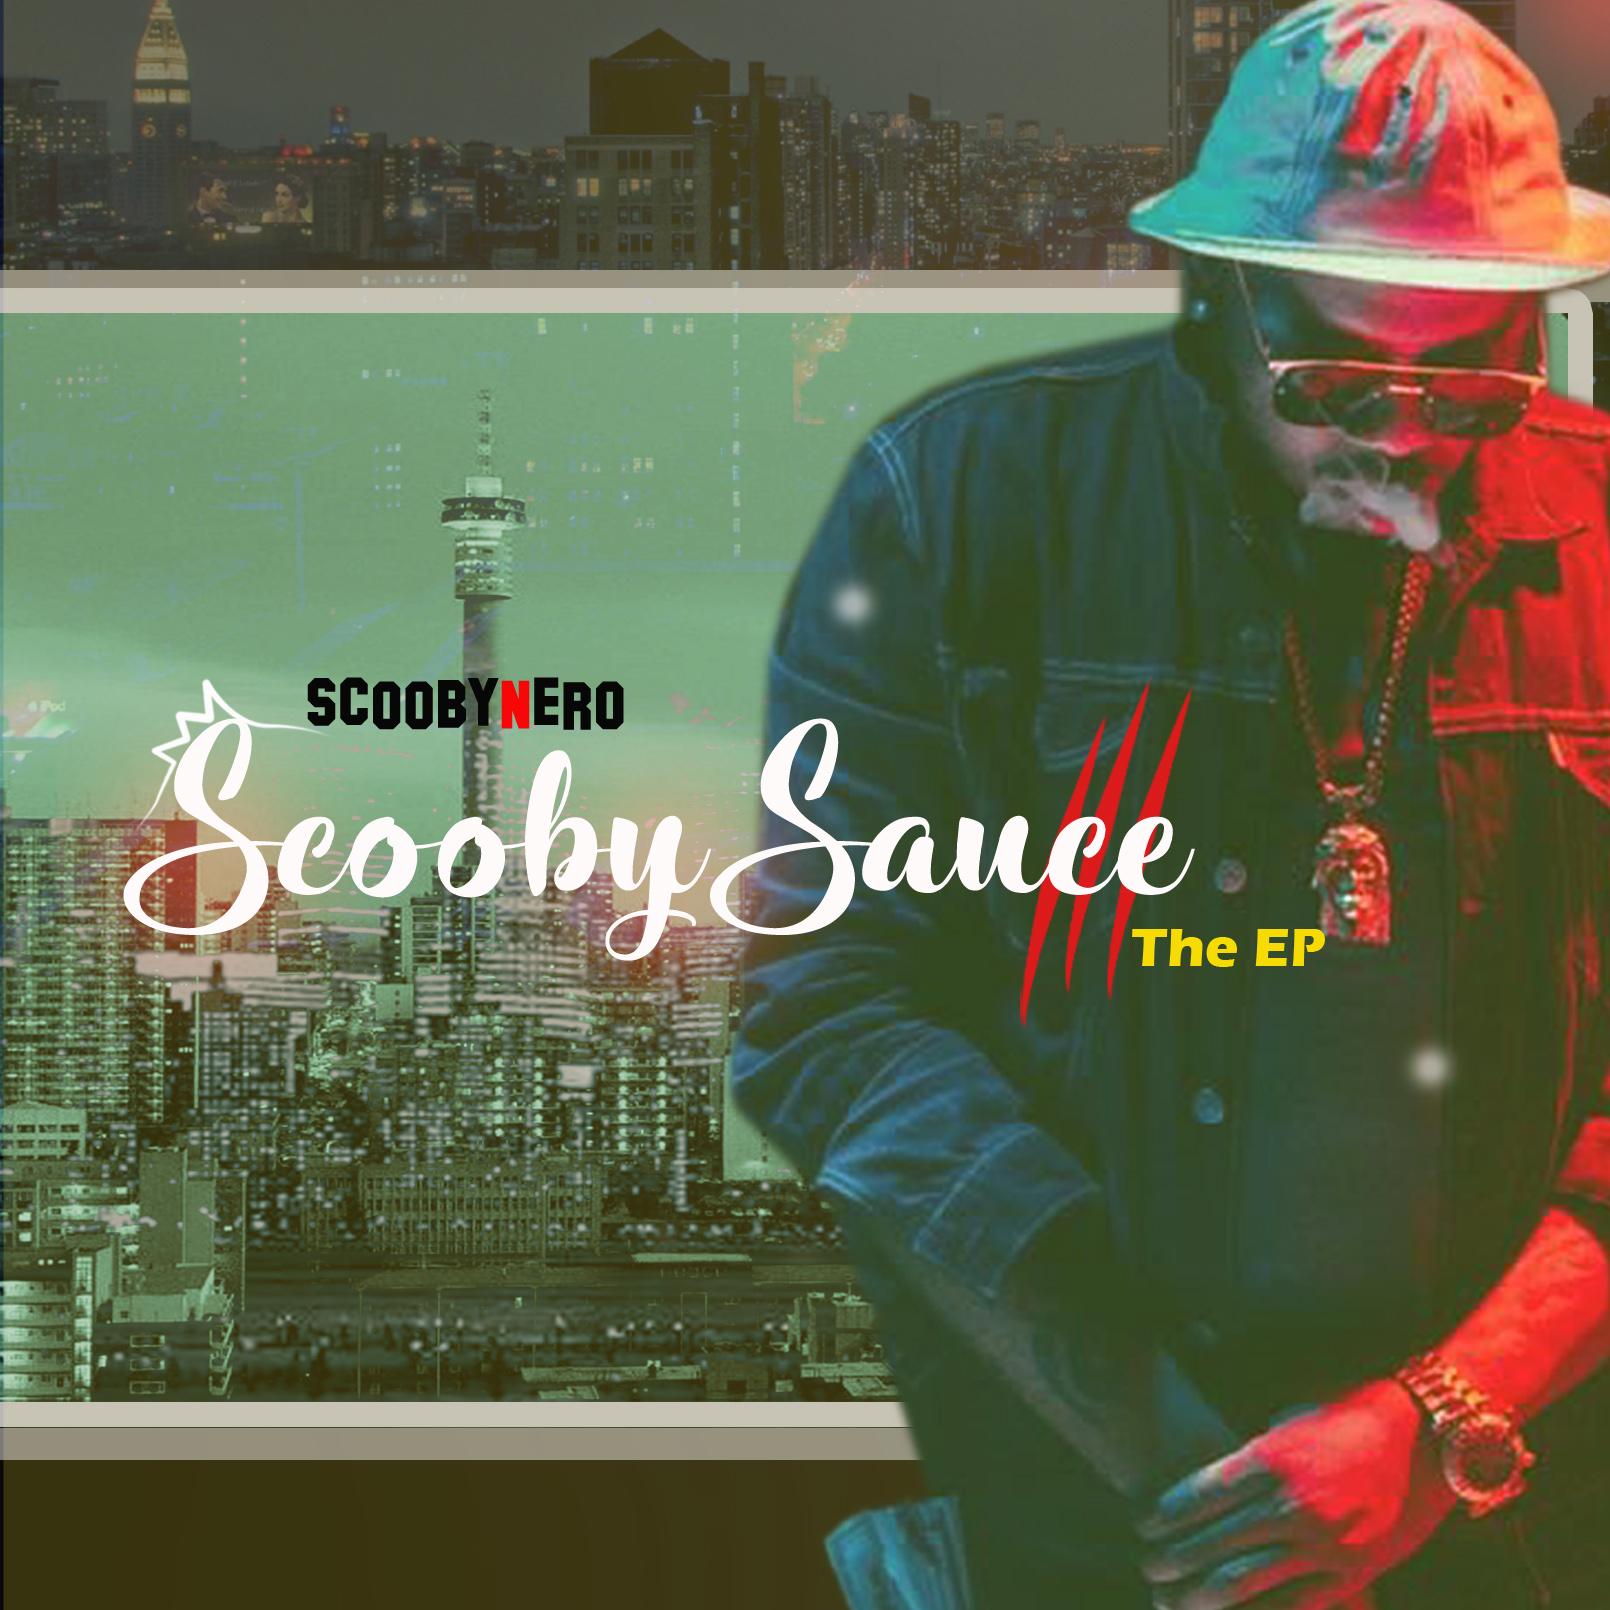 ScoobyNero – Scooby Sauce EP